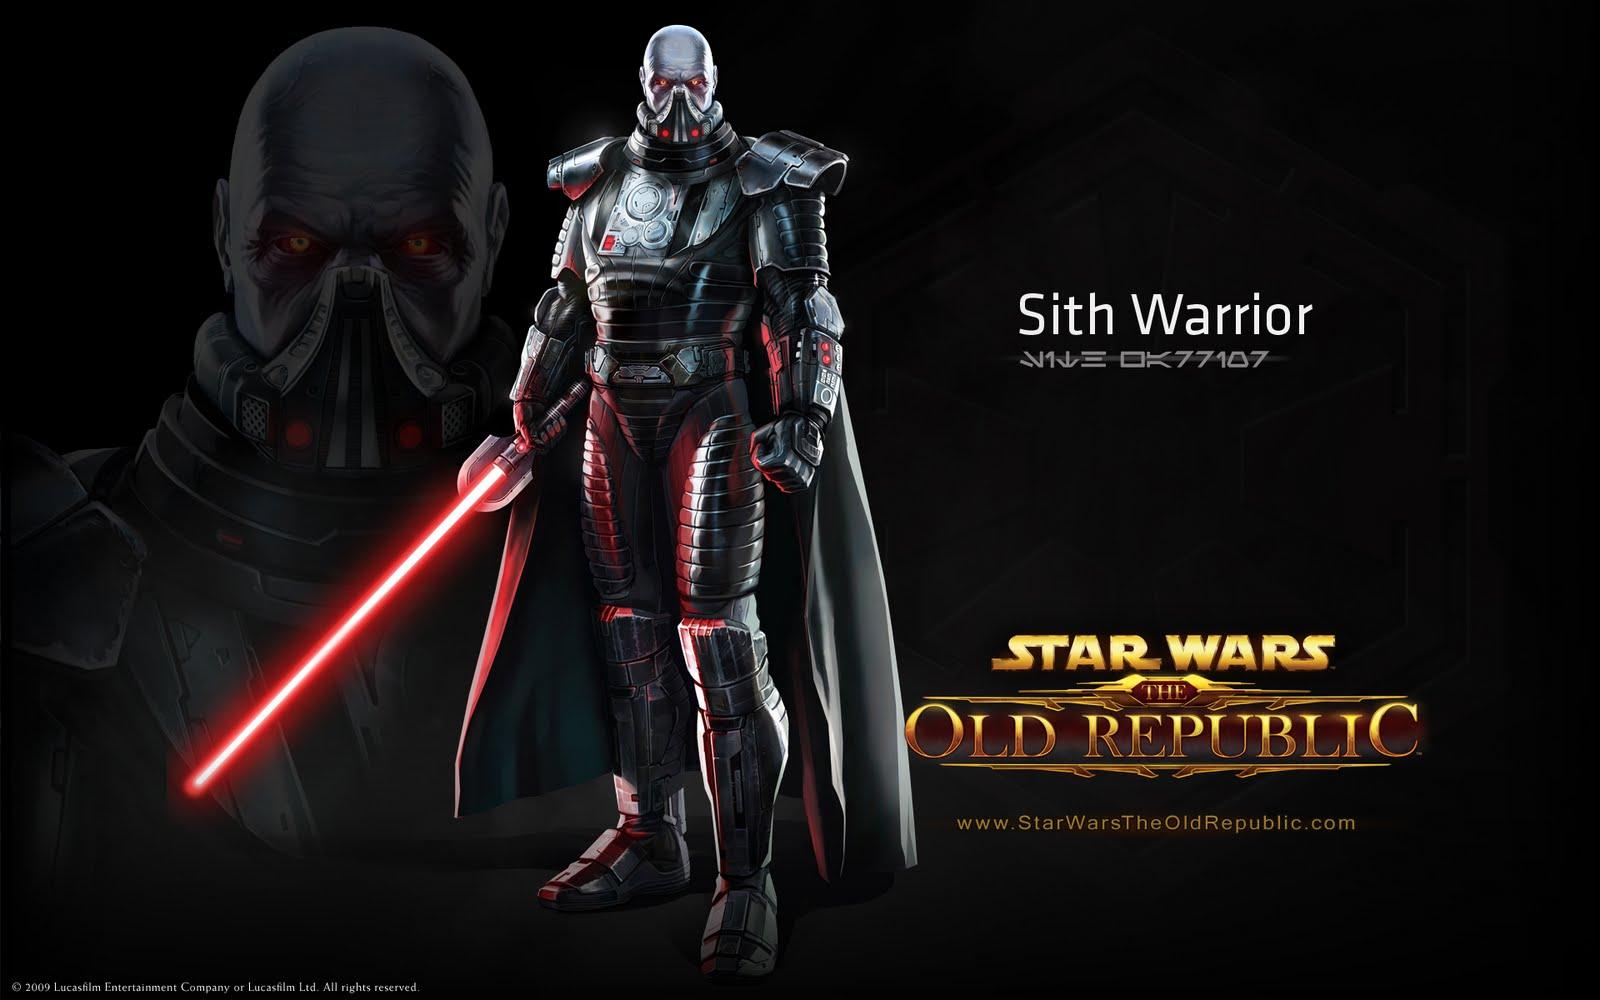 http://2.bp.blogspot.com/-26yIAGyIzjk/TjGj_QdN59I/AAAAAAAAYsI/uXCTDm3bmb4/s1600/Star+Wars+-+The+Old+Republic+Wallpapers+%252828%2529.jpg